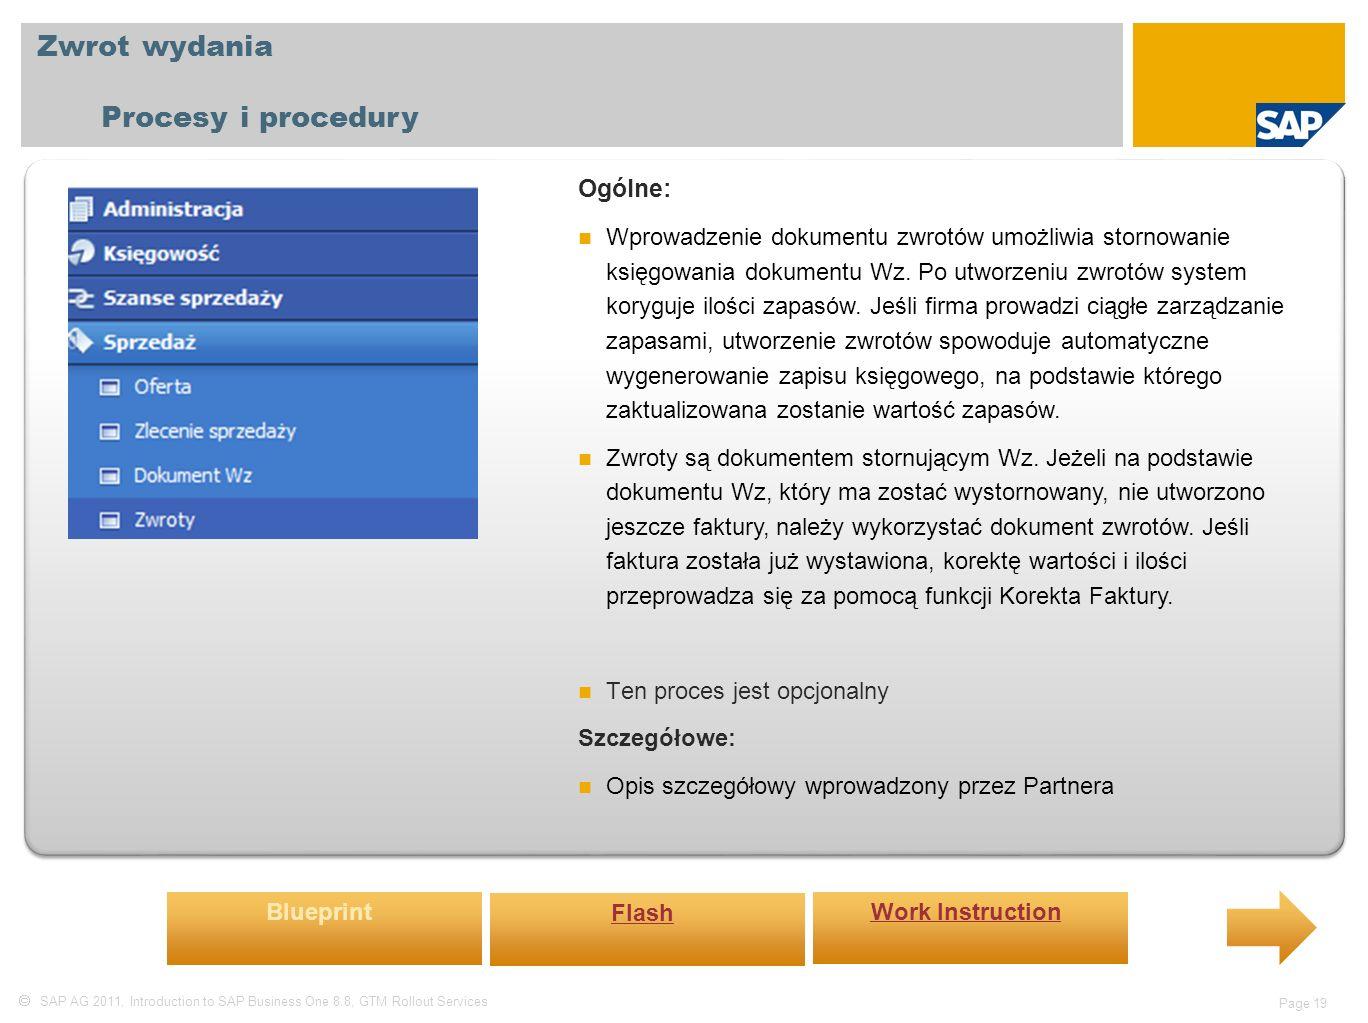  SAP AG 2011, Introduction to SAP Business One 8.8, GTM Rollout Services Page 19 Zwrot wydania Procesy i procedury Ogólne: Wprowadzenie dokumentu zwr